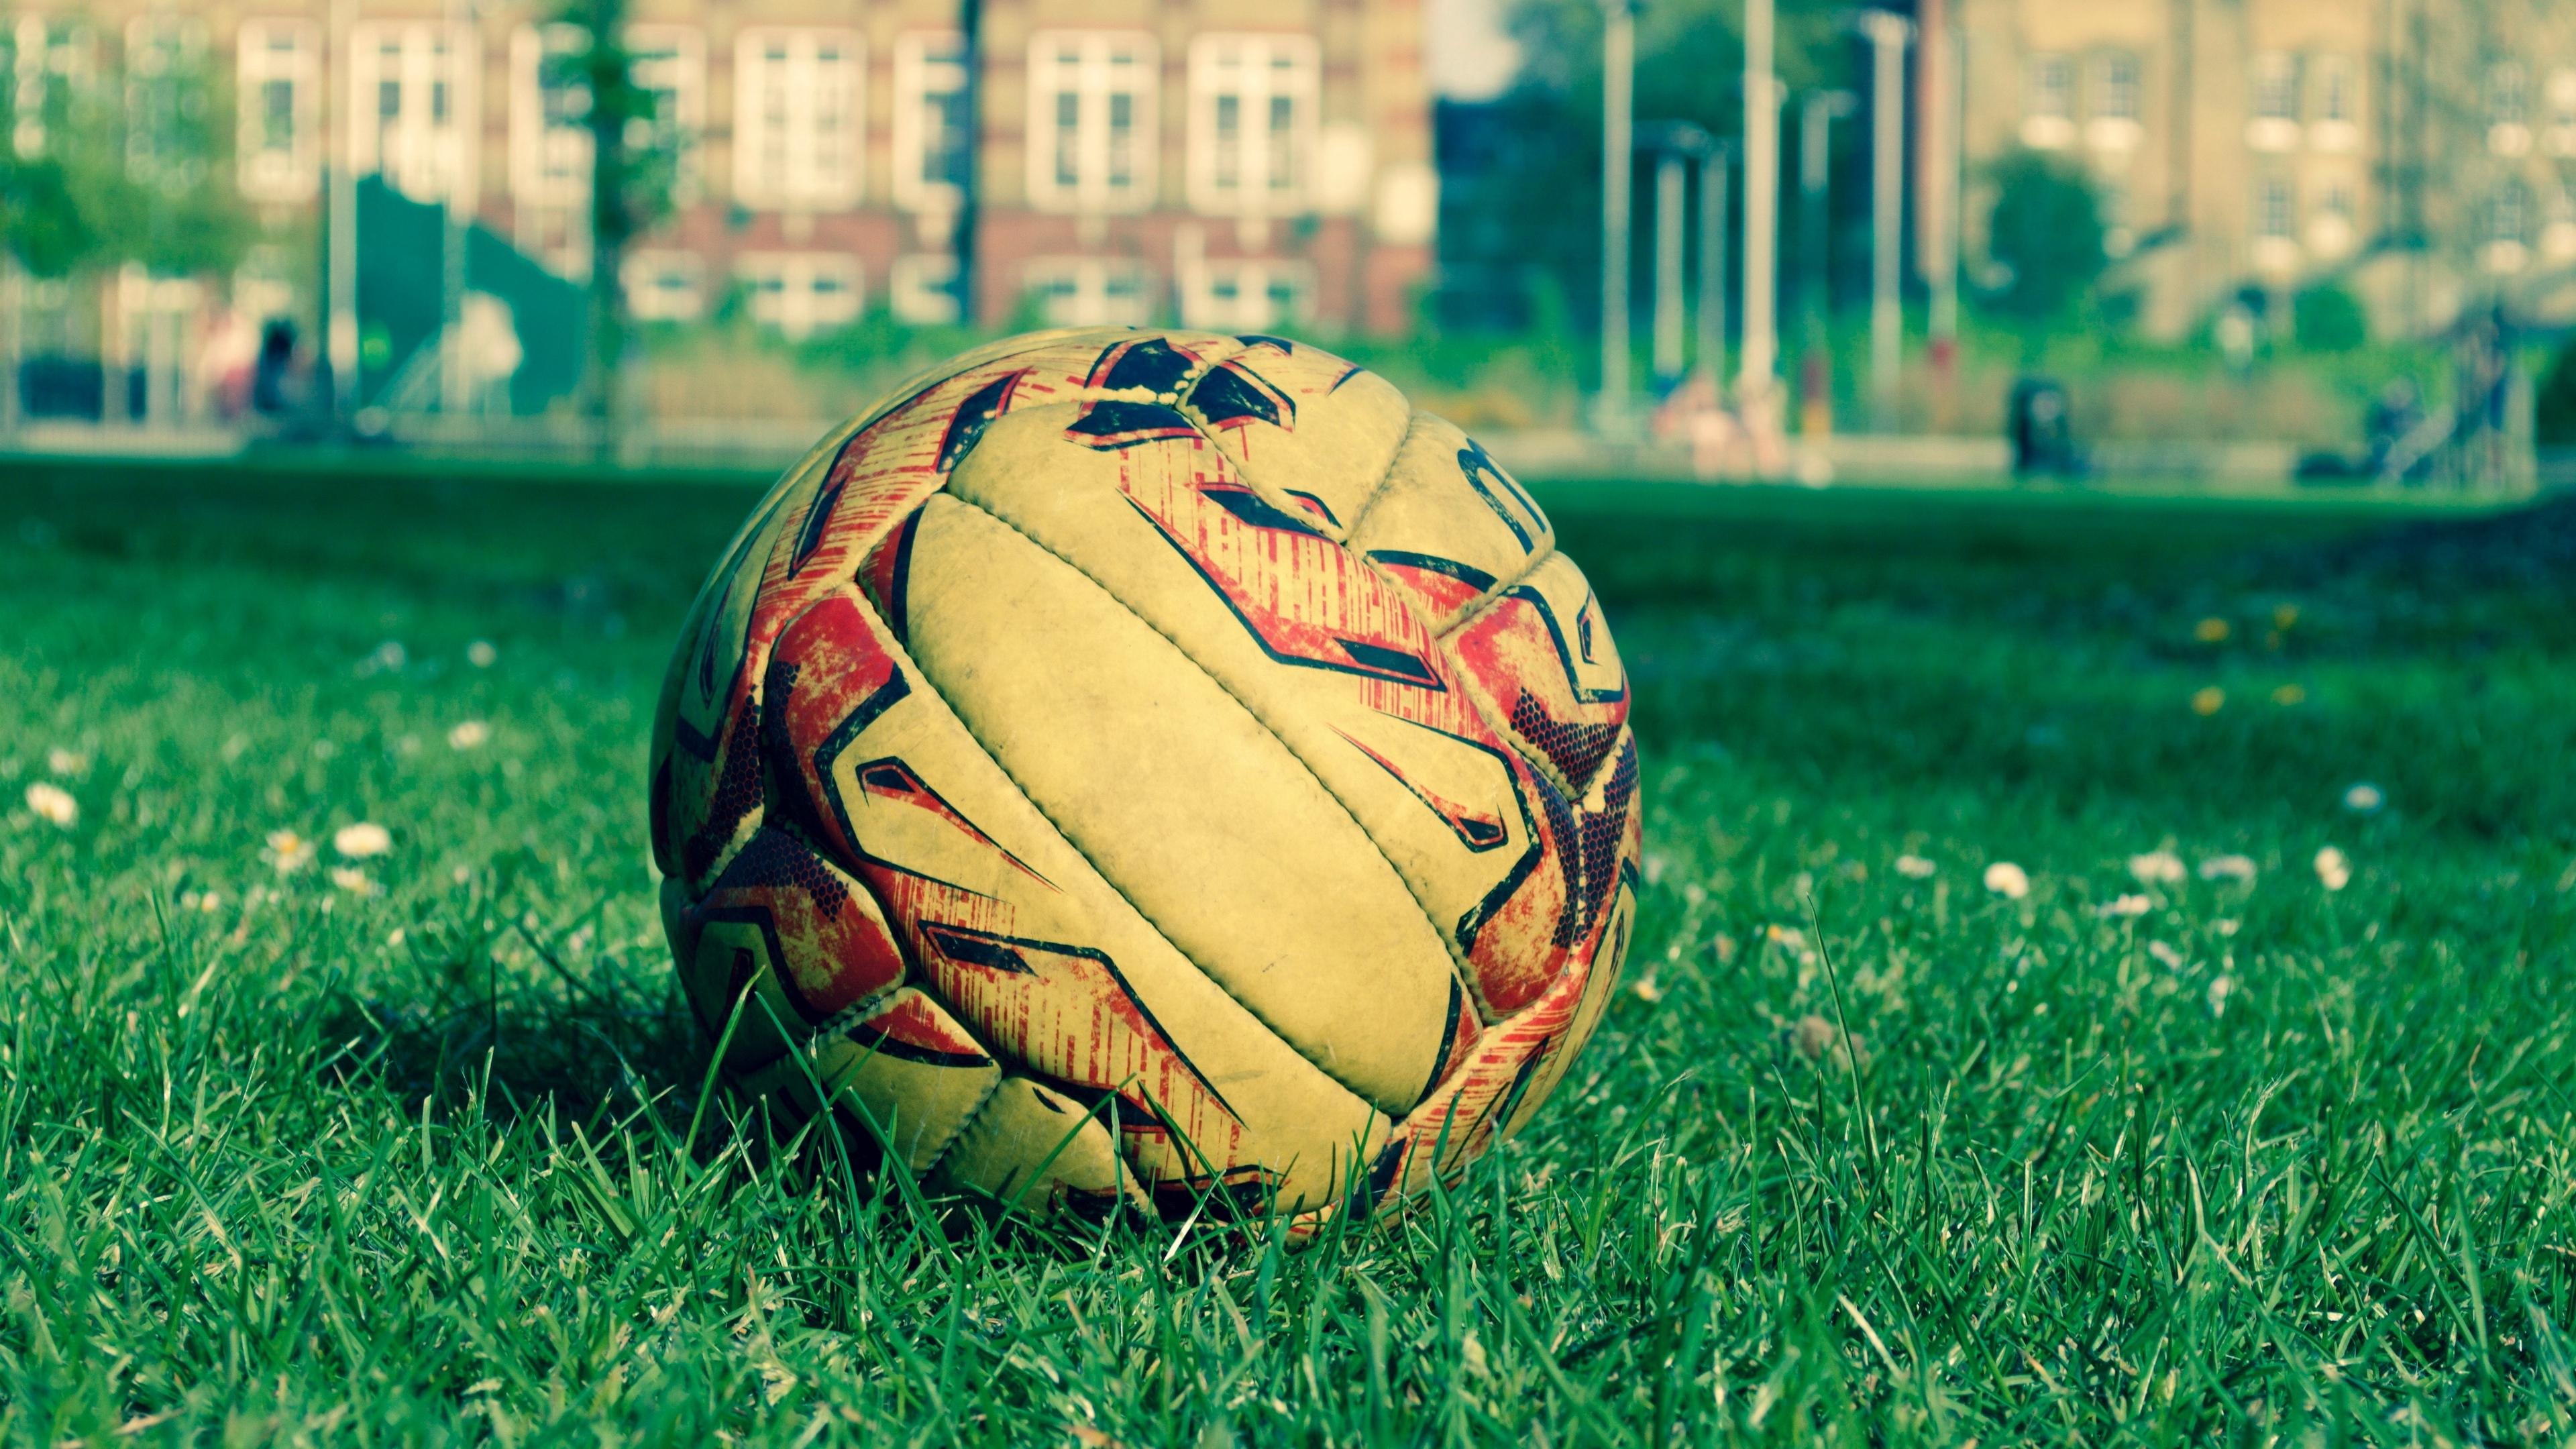 soccer ball field grass lawn 4k 1540061559 - soccer ball, field, grass, lawn 4k - soccer ball, Grass, Field